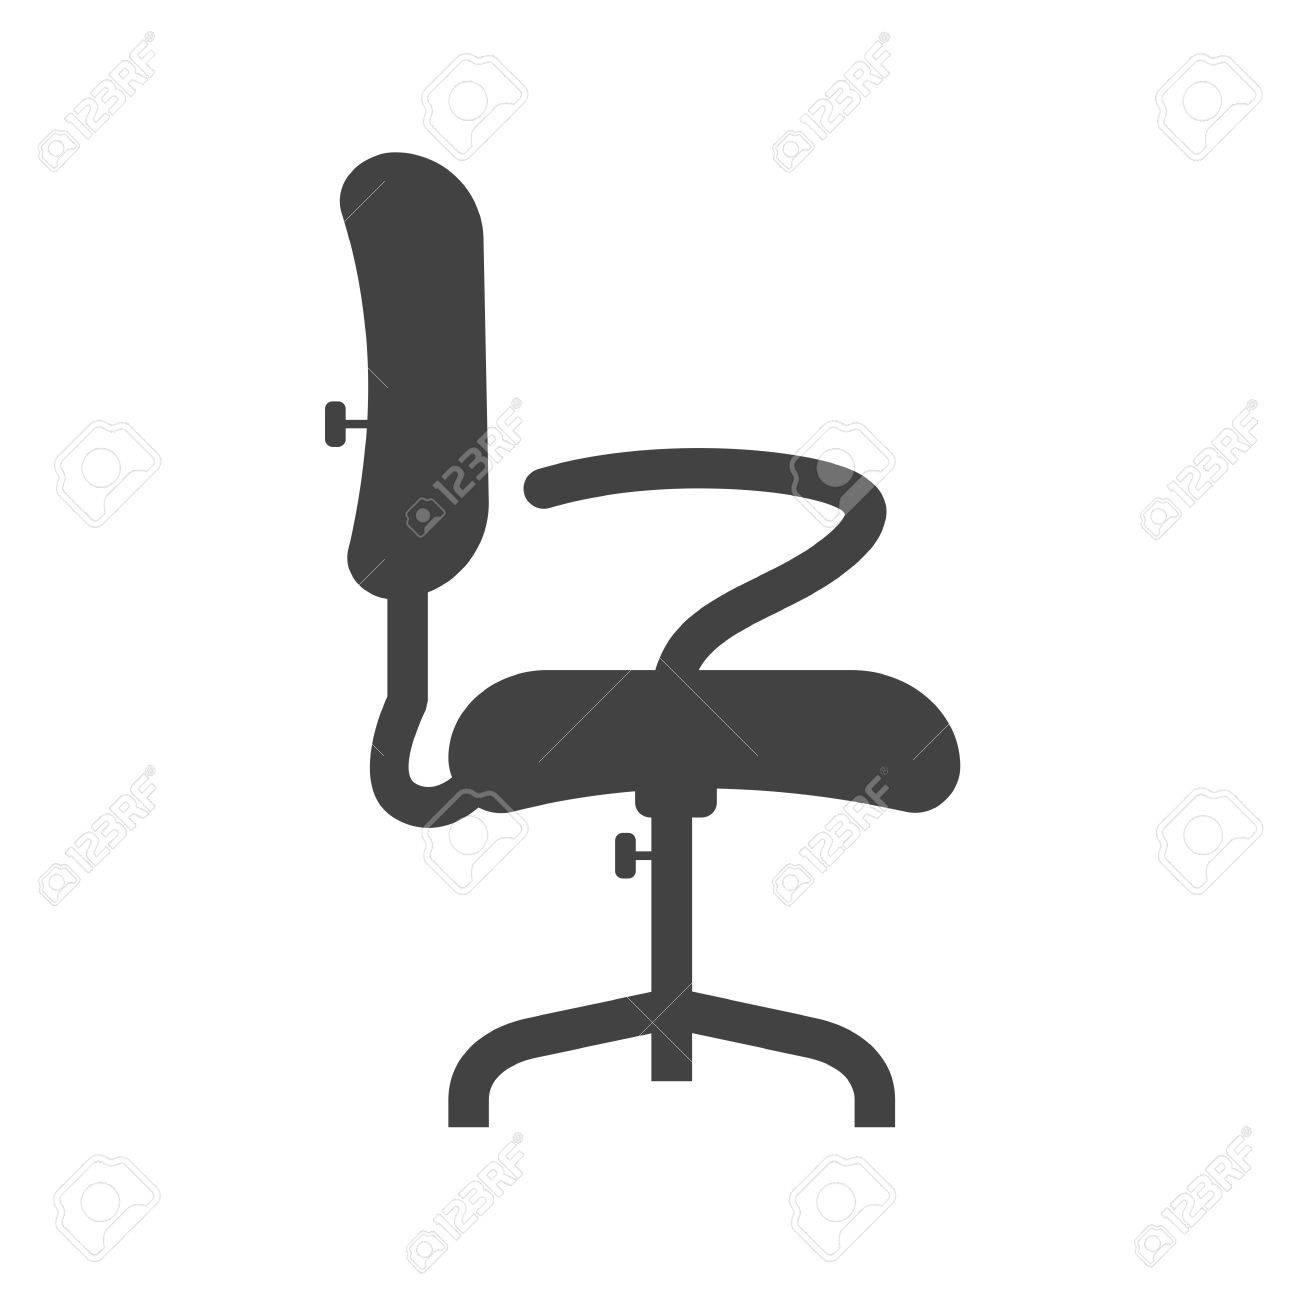 Silla, Oficina, Icono Asiento Vector Image.Can También Ser Utilizado ...